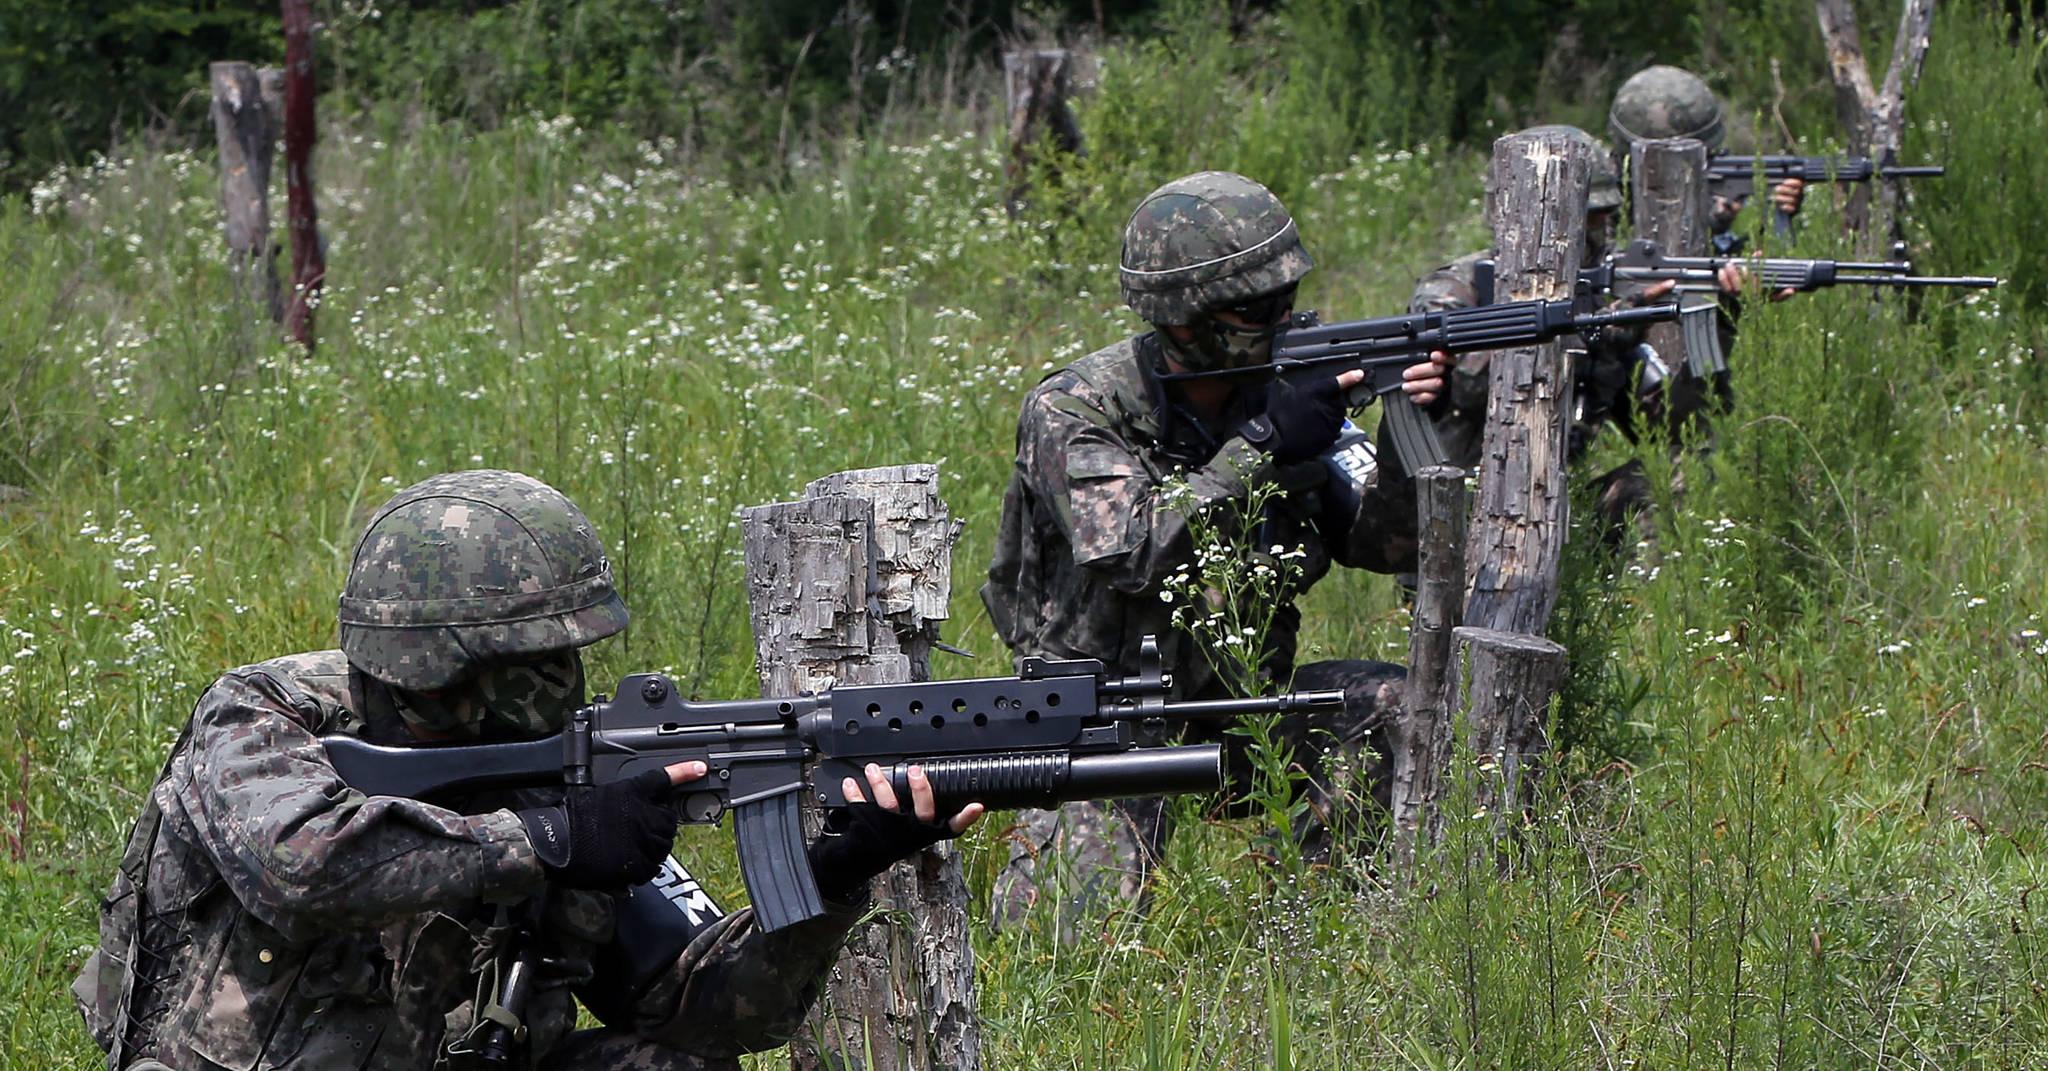 한 육군 부대에서 전투사격 훈련을 하는 모습. (※이 사진은 기사 내용과 직접적인 관련이 없습니다)[연합뉴스]